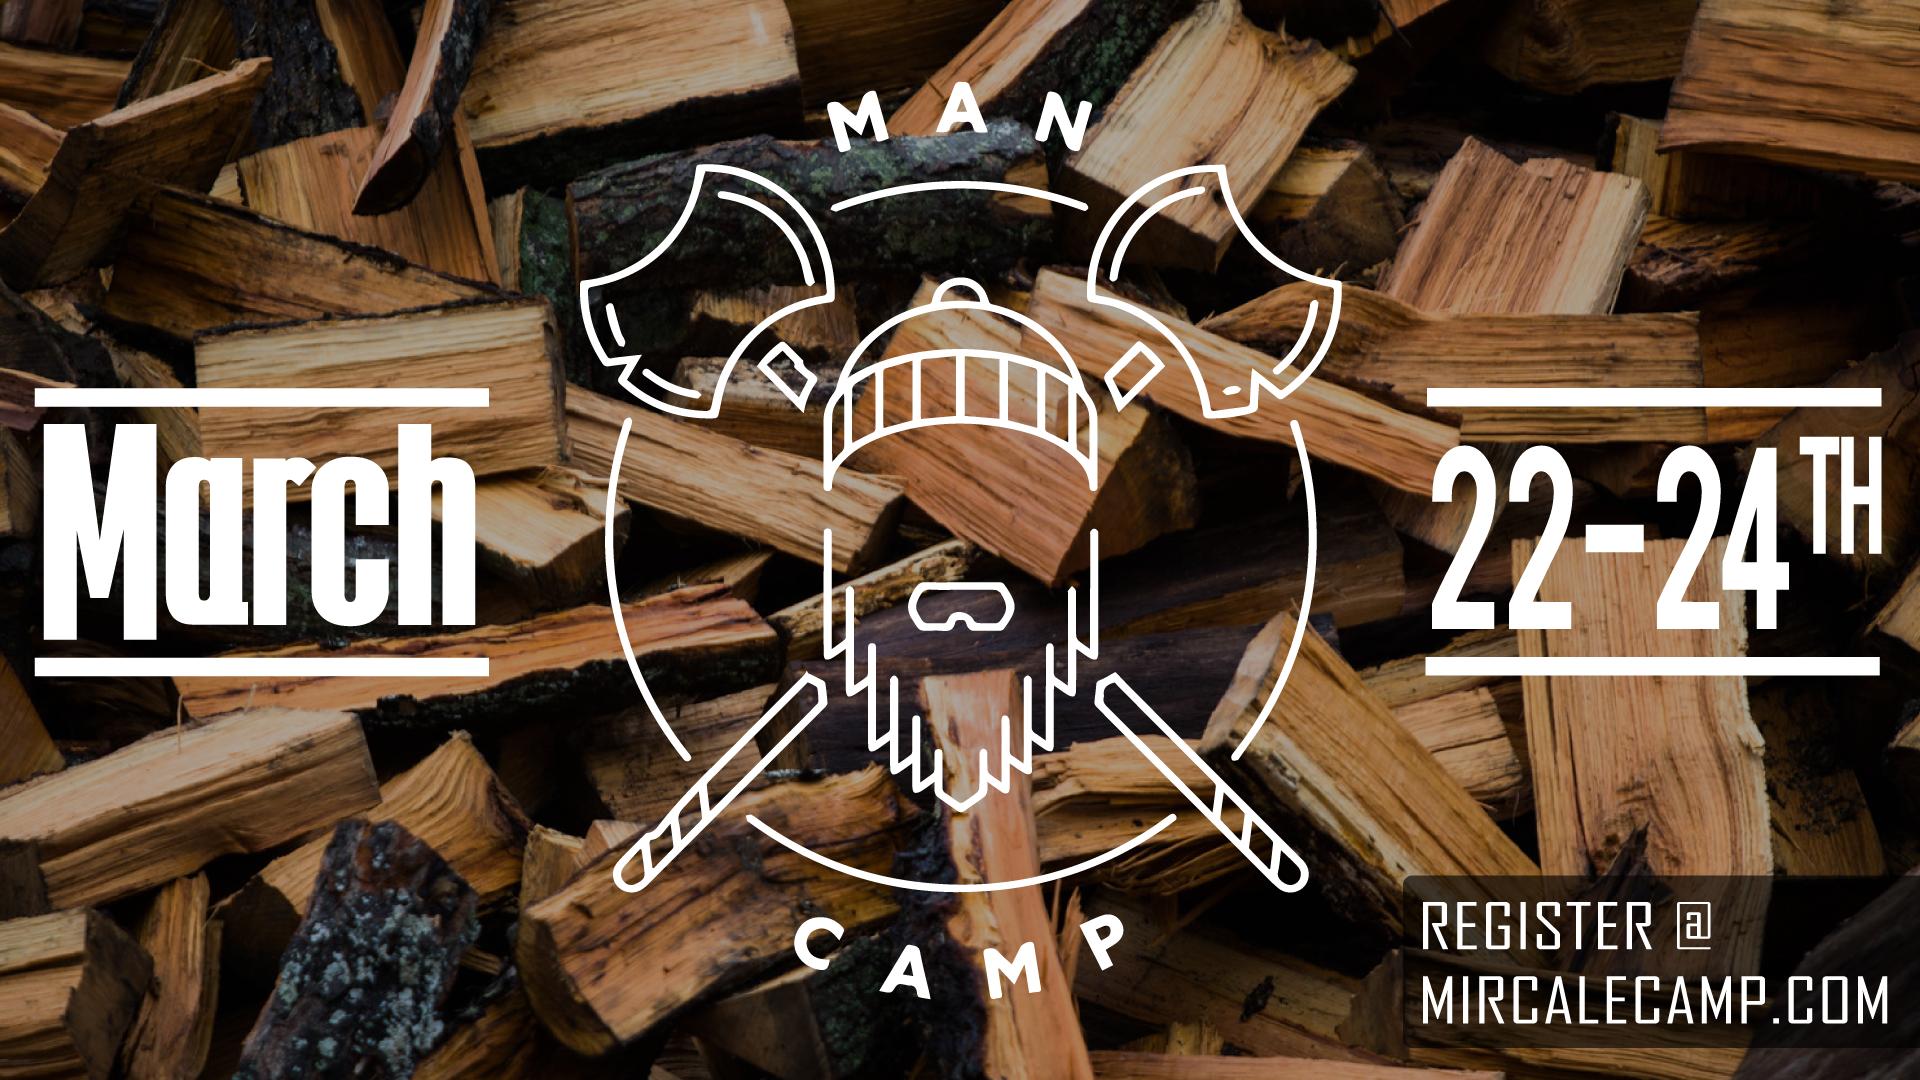 Man-Camp-Promo-Slide.png